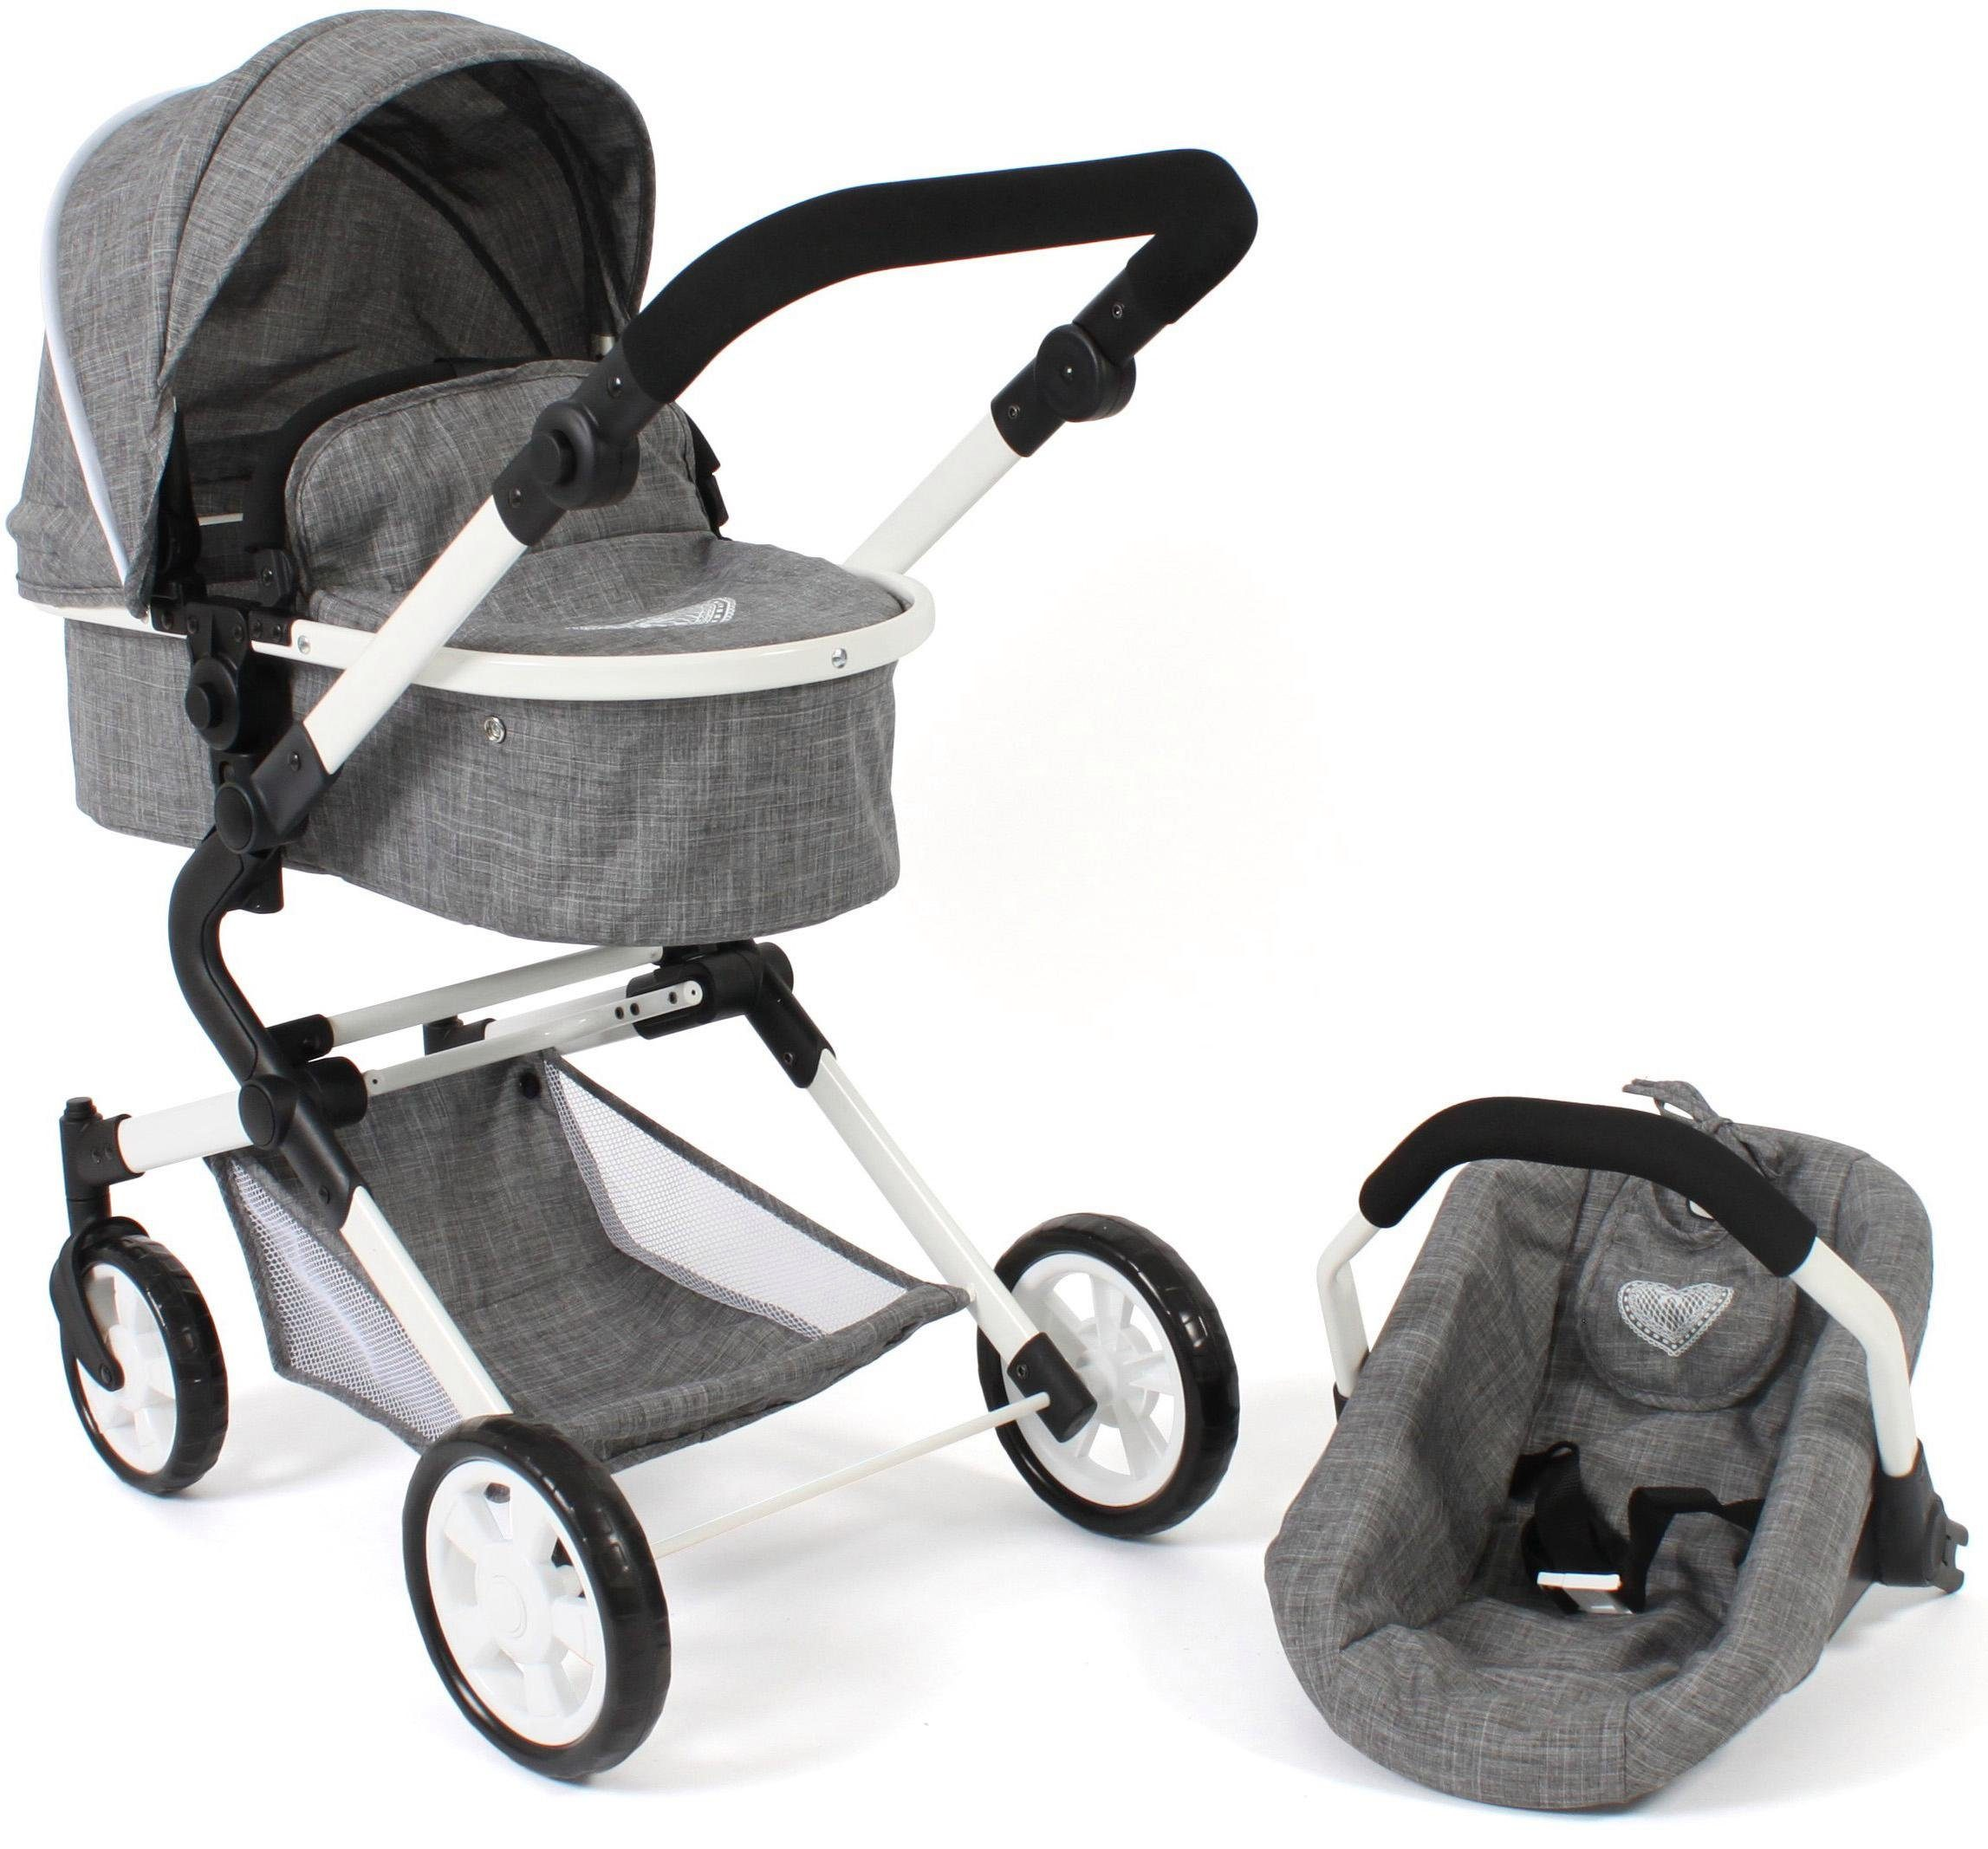 CHIC2000 Kombi-Puppenwagen Lia, Jeans grey, mit Puppen-Autositz grau Kinder Puppenzubehör Puppen